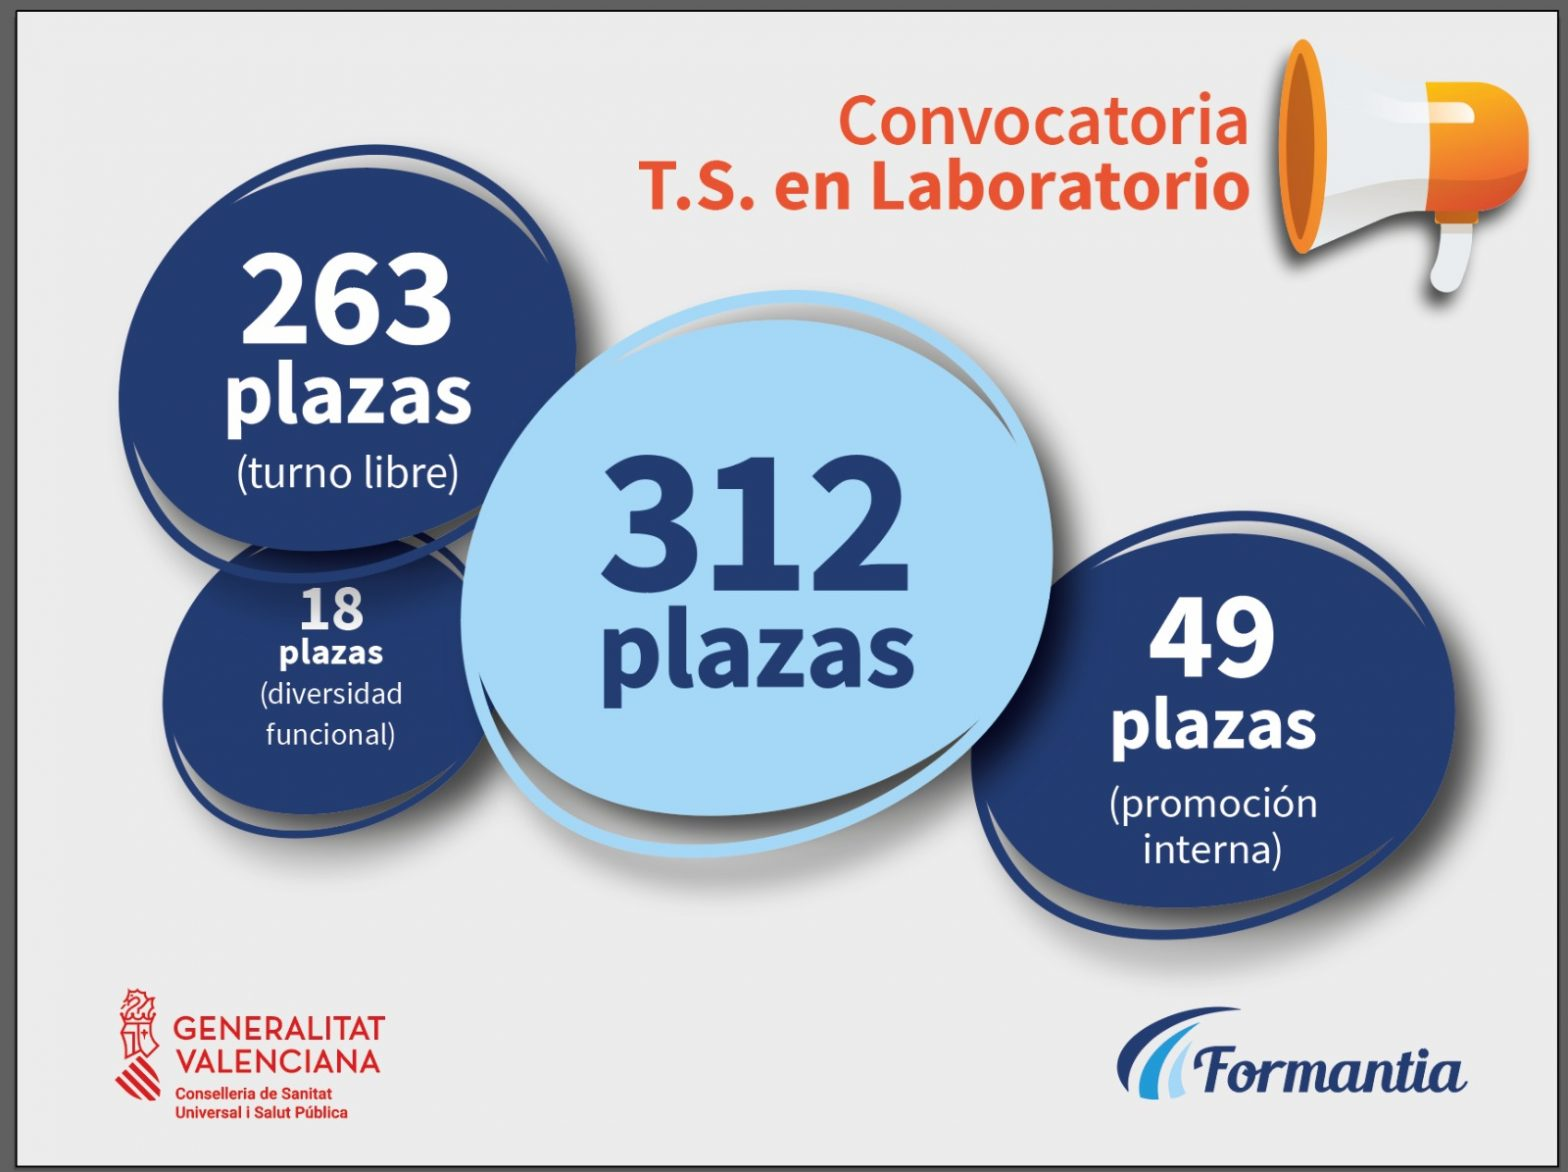 Convocatoria Tecnico Laboratorio de Valencia